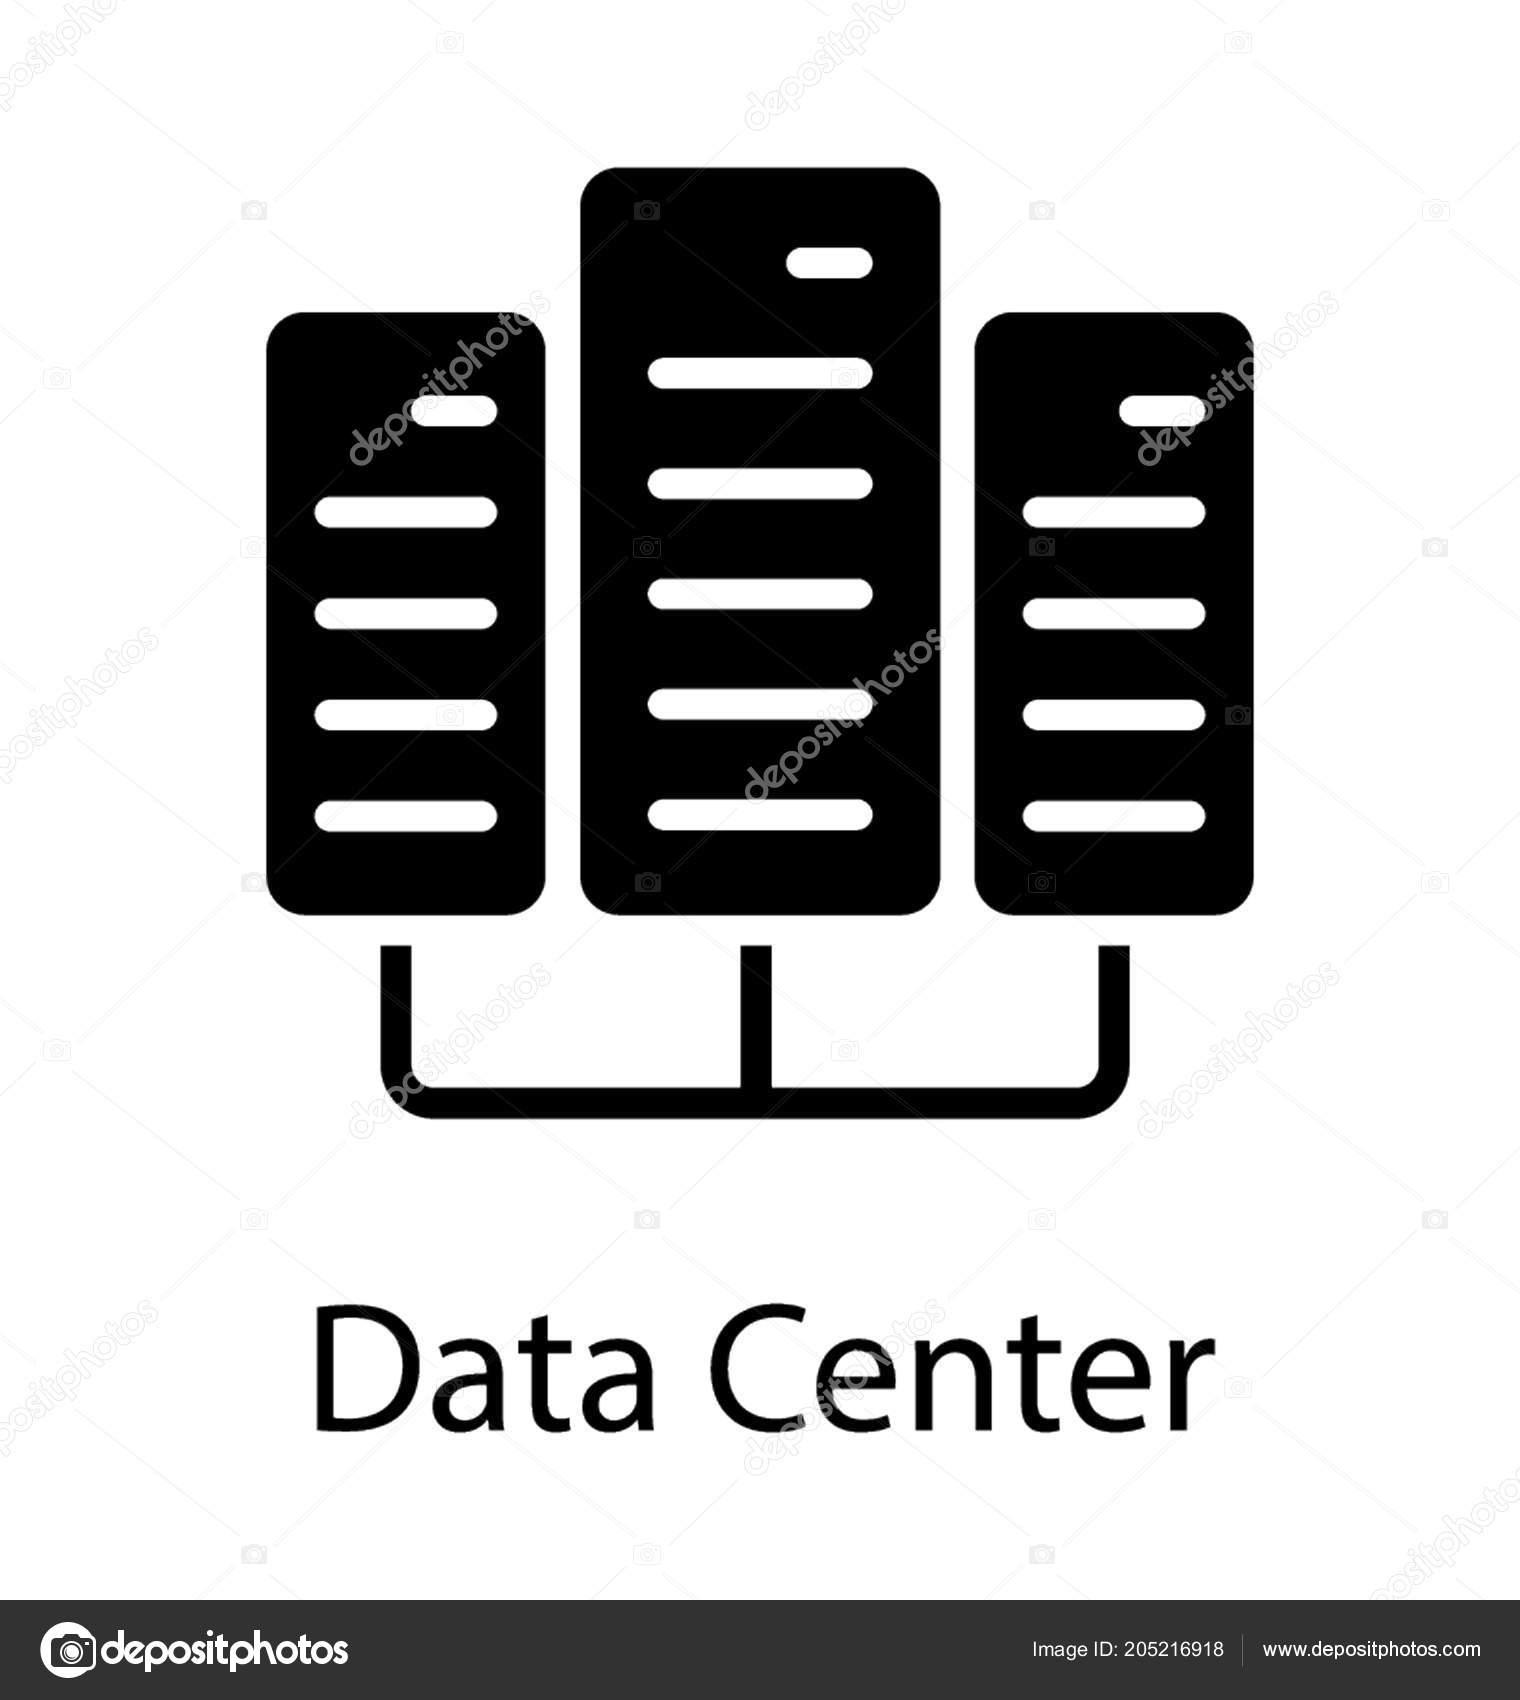 Database Management System Pictogram Denoting Icon Web